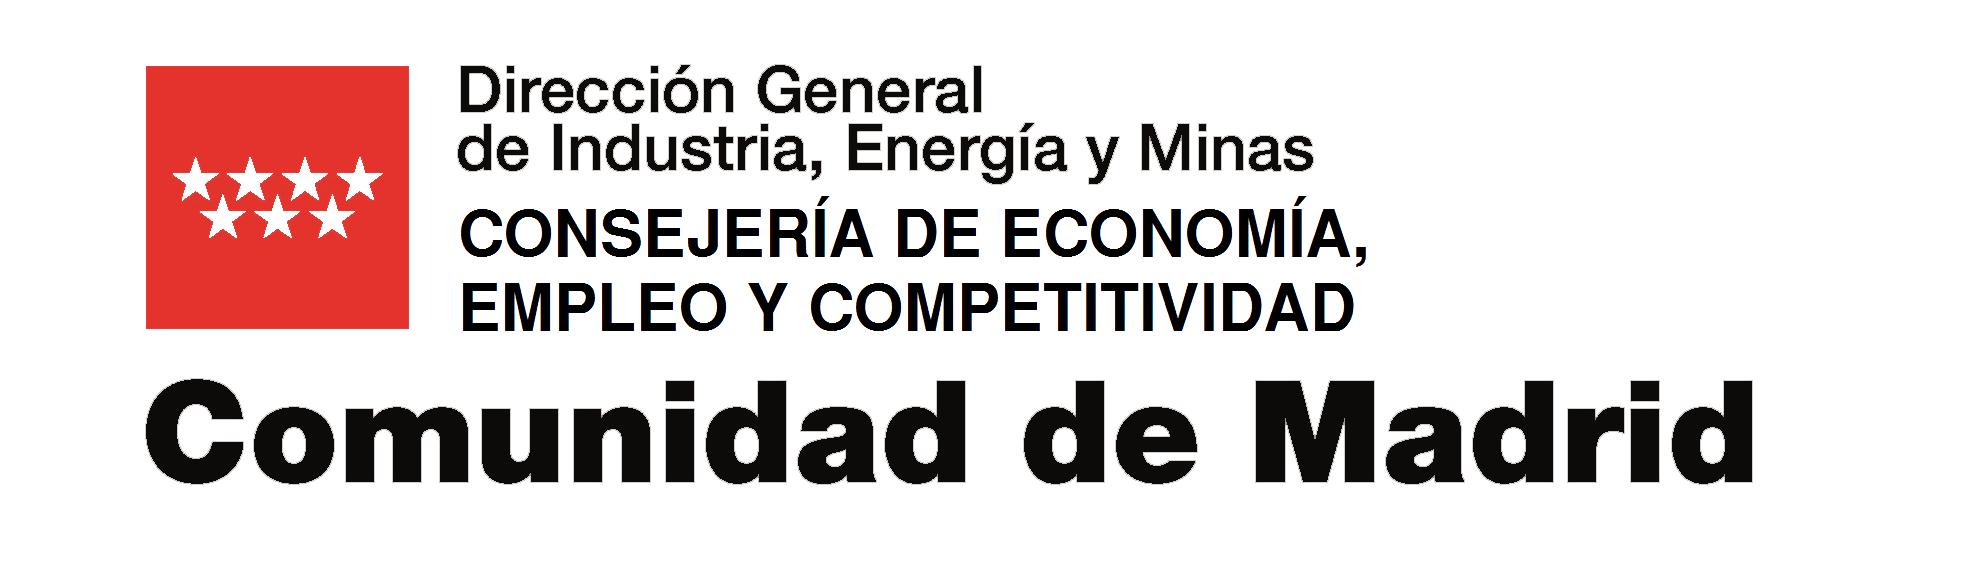 EMPRESA AUTORIZADA CON CATEGORÍA ESPECIALISTA POR EL MINISTERIO DE INDUSTRIA COMO EMPRESA INSTALADORA: